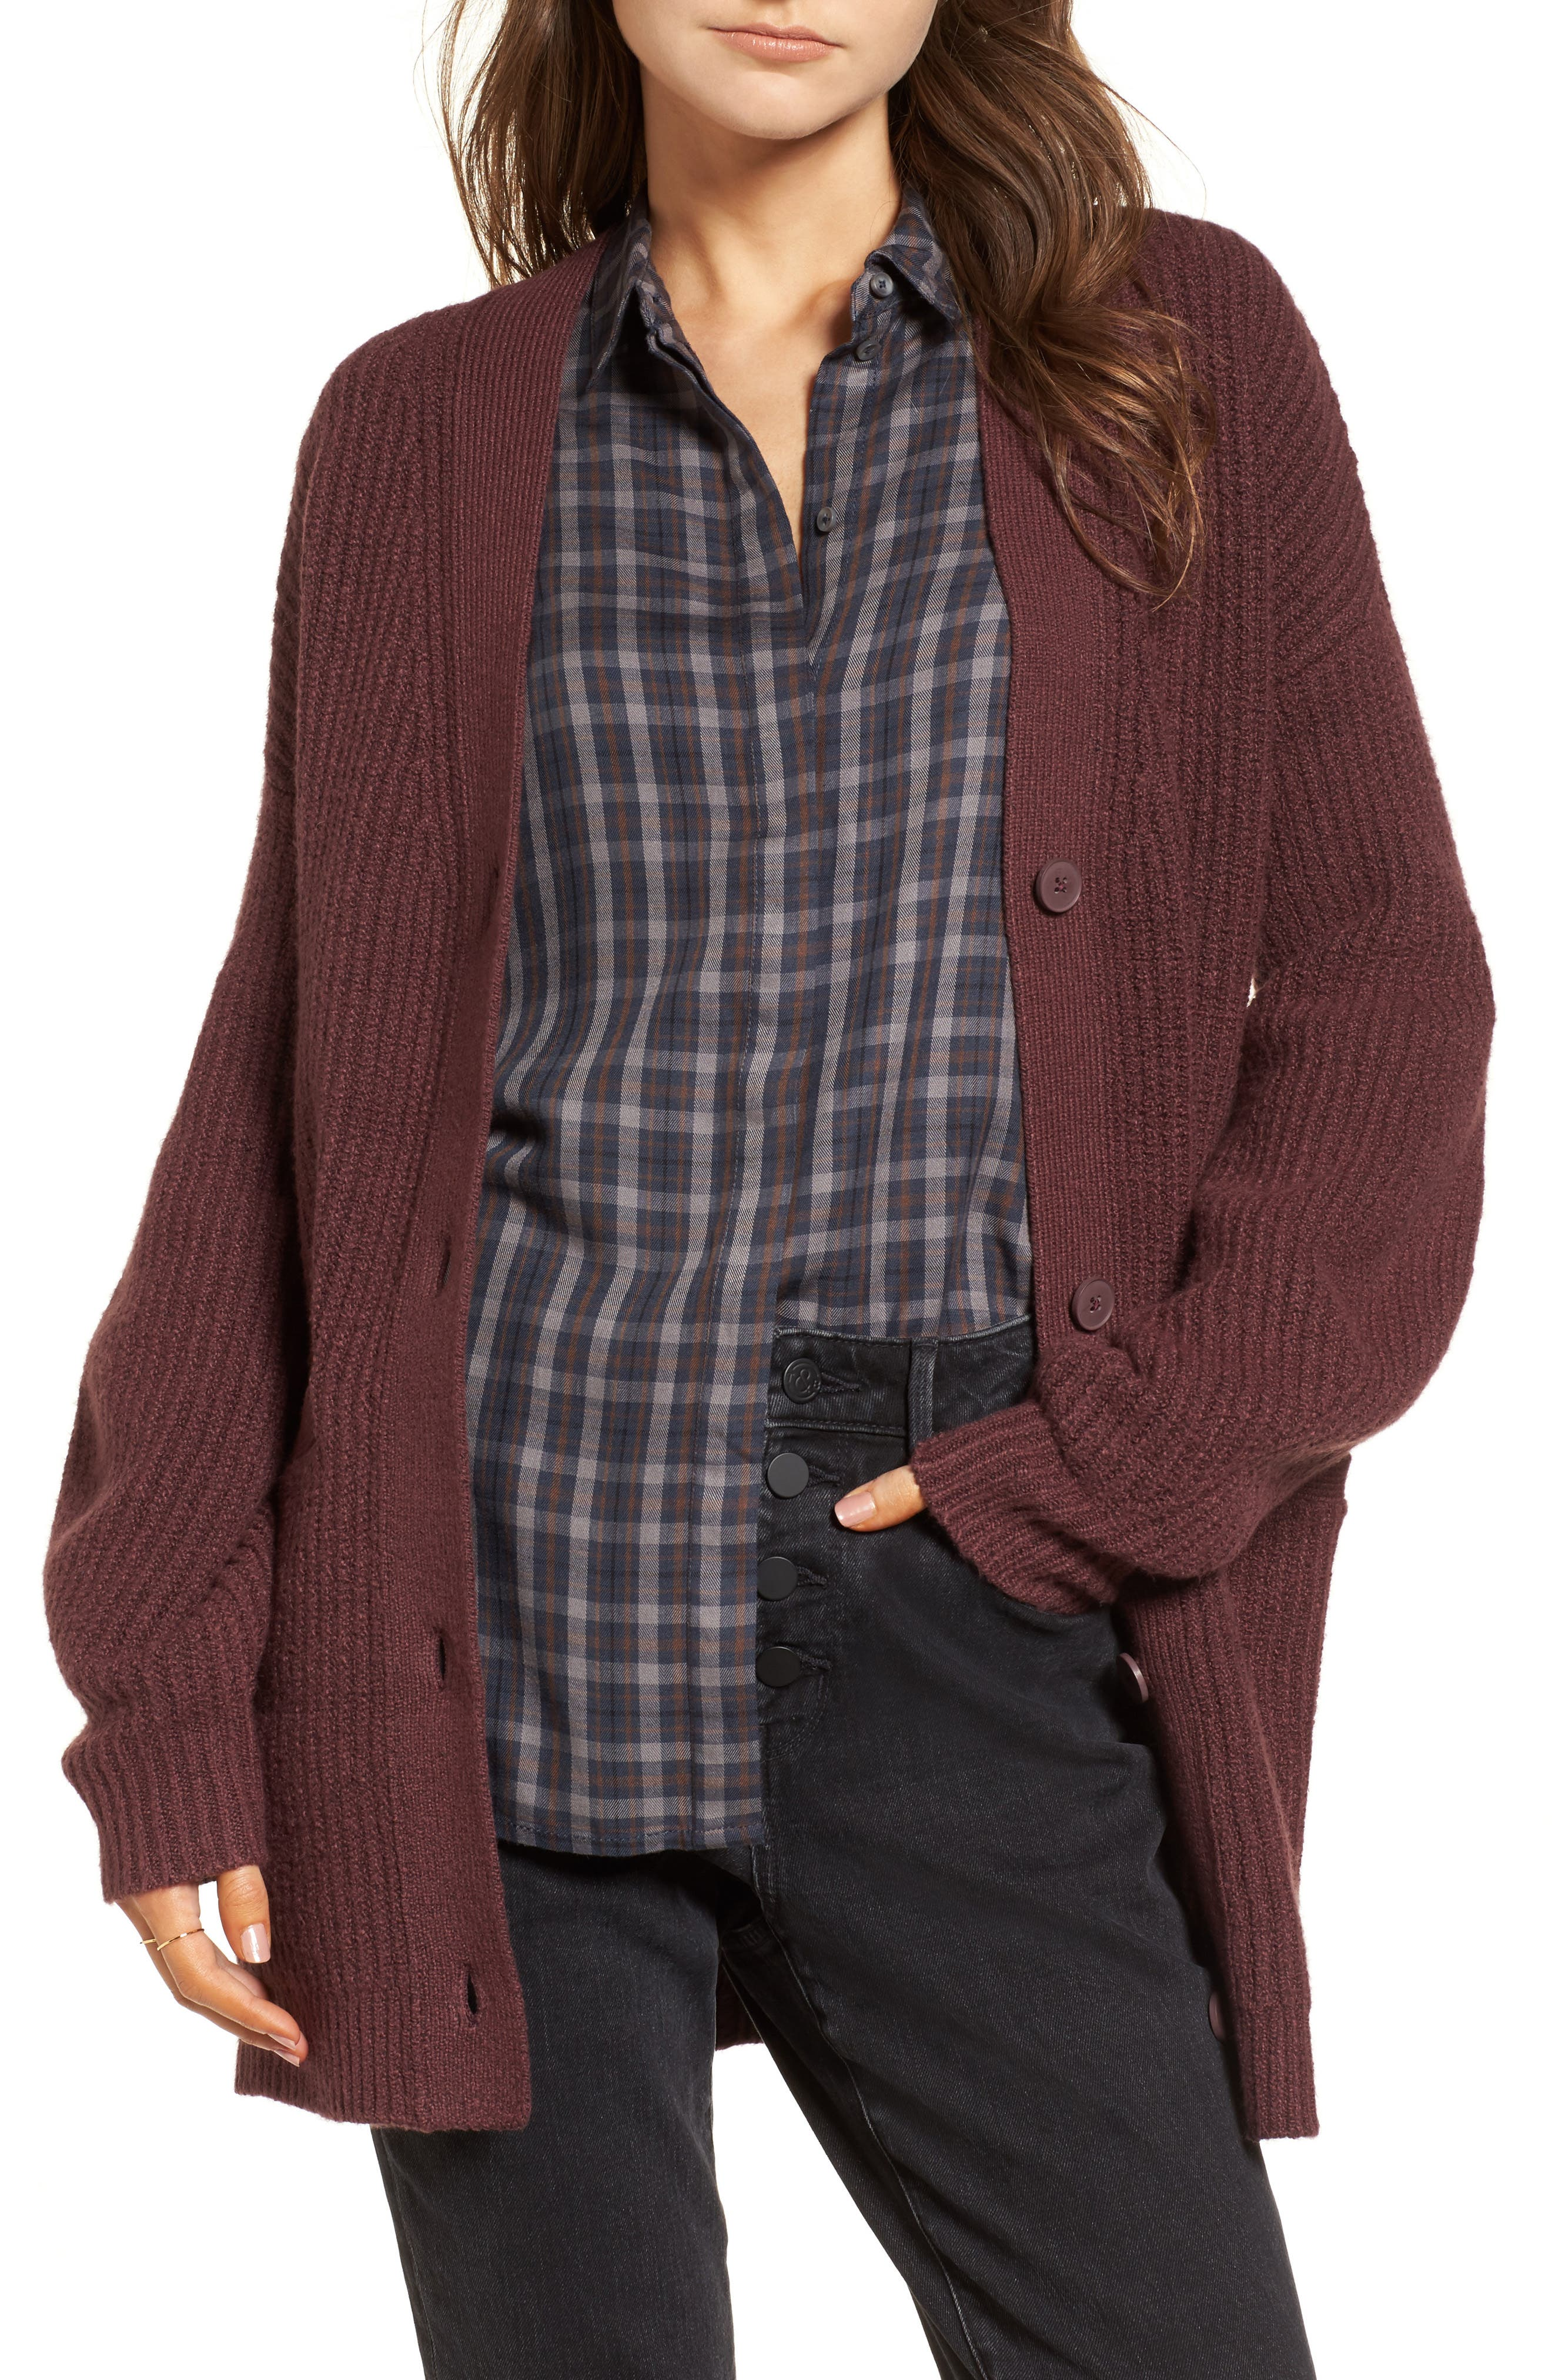 Ribbed Cardigan Sweater,                         Main,                         color, Burgundy Fudge